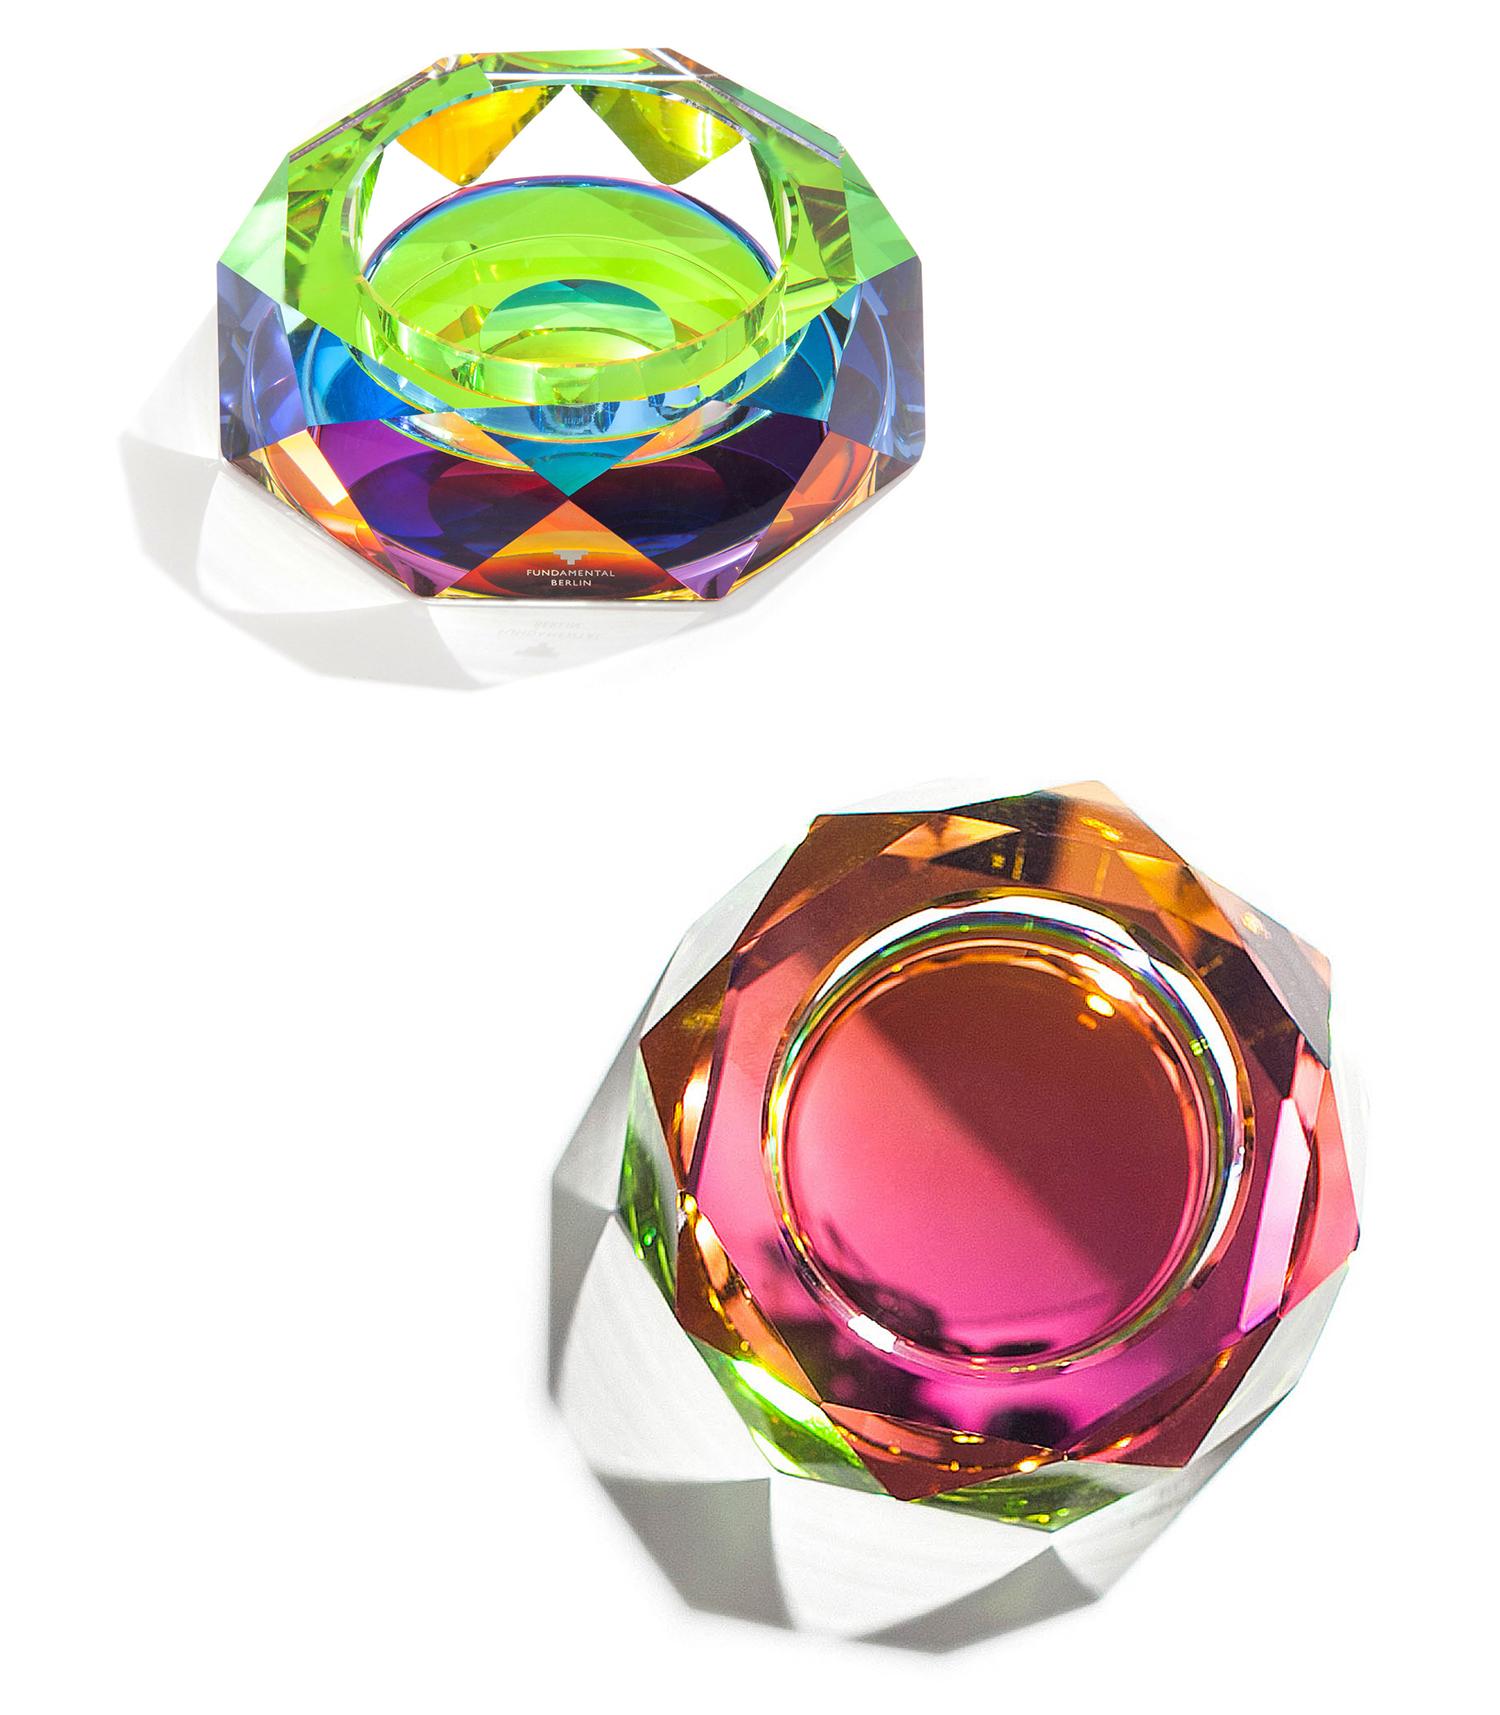 策展人:巧妙运用了水晶来渲染彩色薄膜的颜色,创造出令人着迷的光线和色彩。 - 把彩虹带进你的家吧!厚重的水晶配和手工制作工艺,底部运用了特殊的彩色薄膜,它能进一步强化水晶将光线折射为七种彩虹色的能力,渲染其视觉效果。它既可以用作烟灰缸,也可成为桌上的一件饰品,成为众人瞩目的焦点。